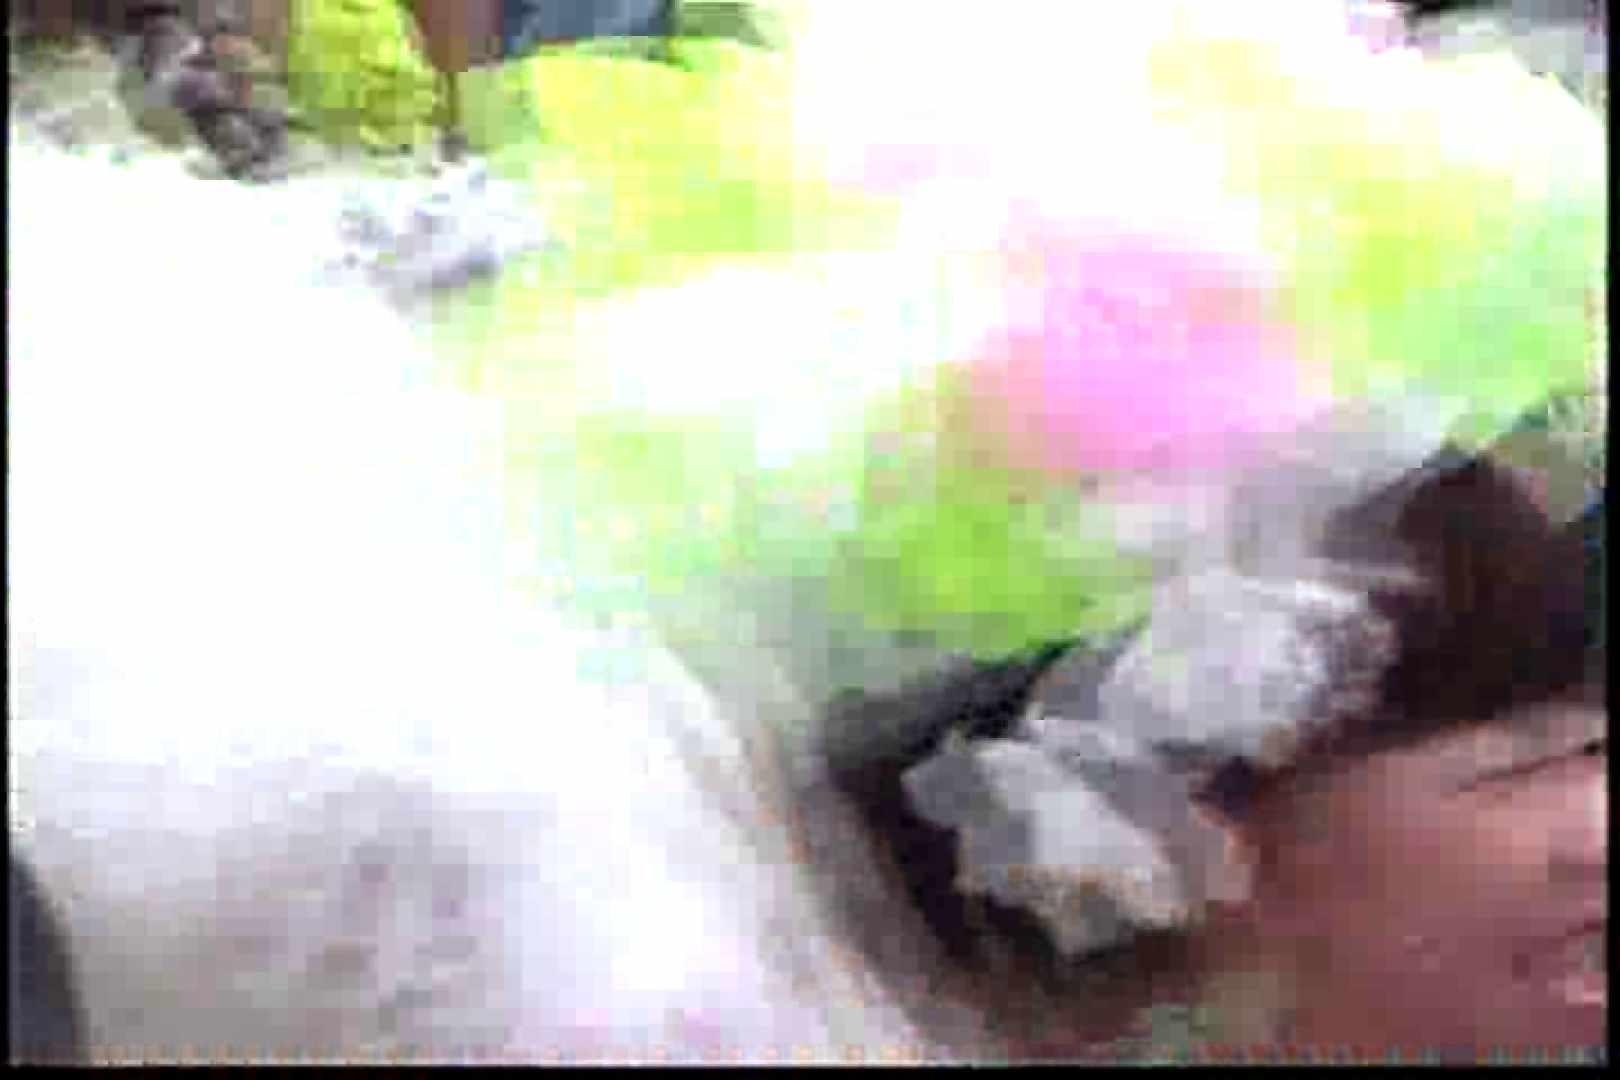 狂乱のサンバカーニバルVol.3 OLセックス 盗撮AV動画キャプチャ 108画像 74